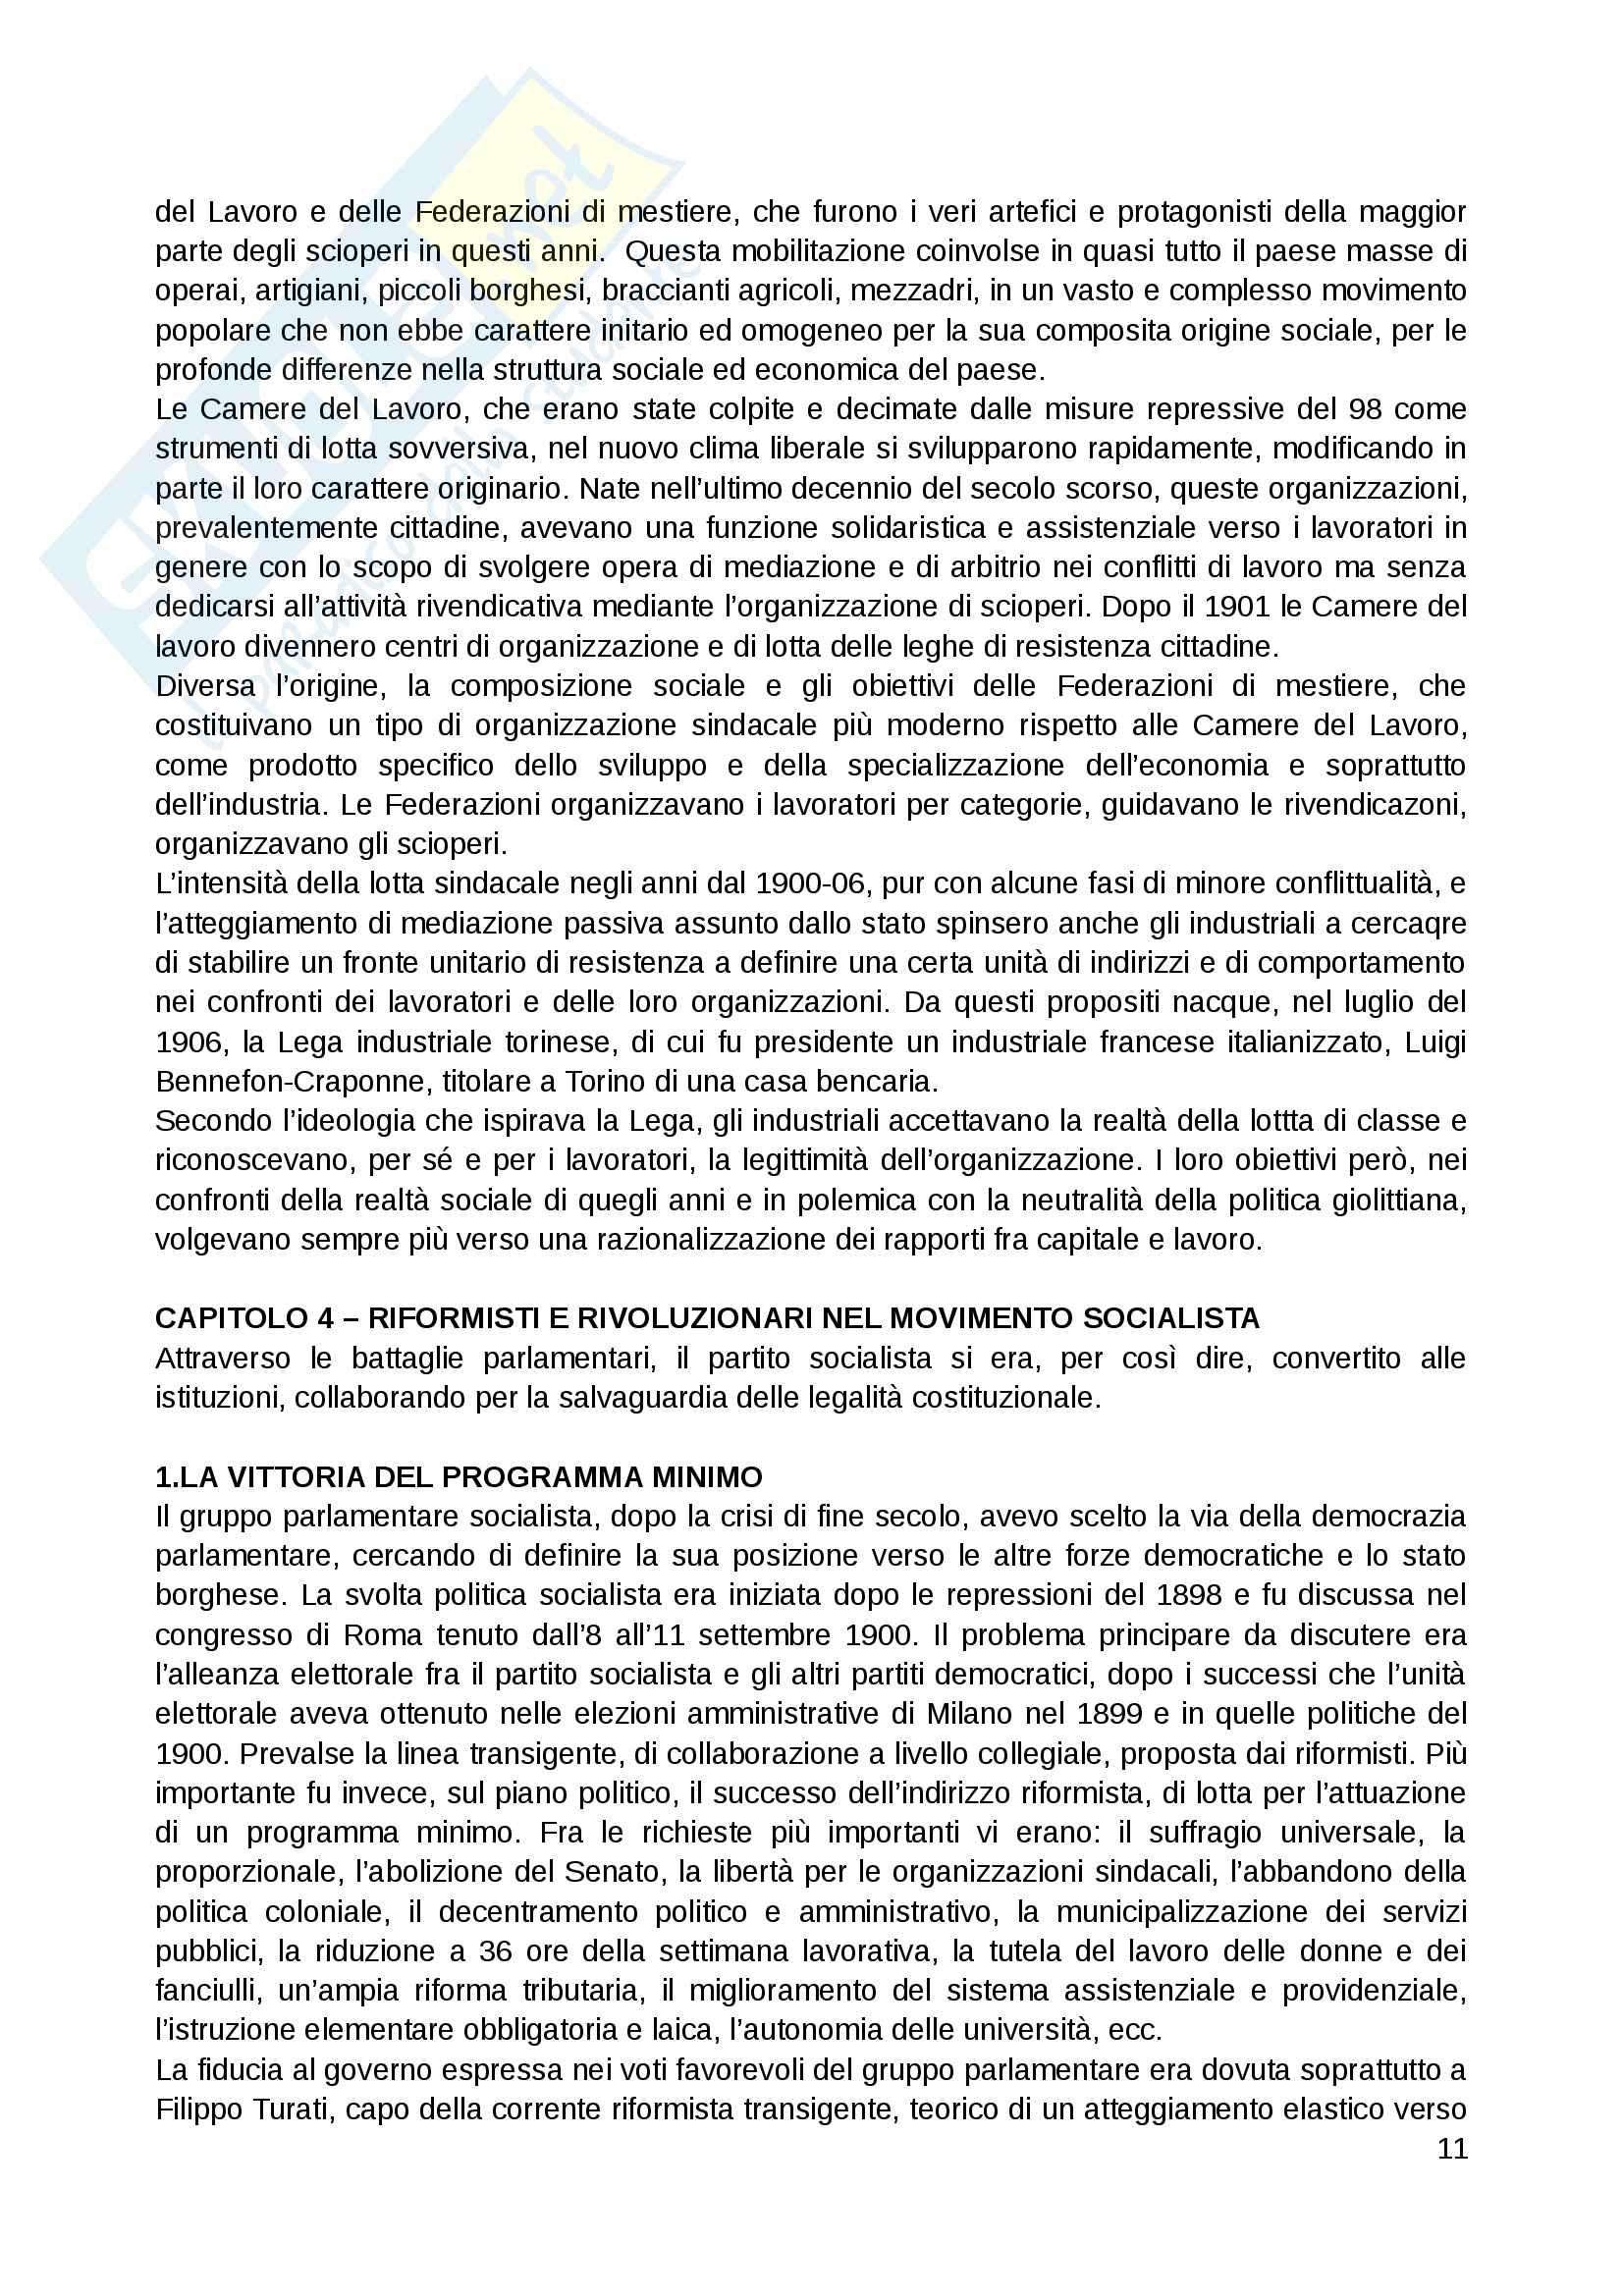 Riassunto esame Storia contemporanea, prof. Punzo, libro consigliato: L'Italia giolittiana di Emilio Gentile Pag. 11